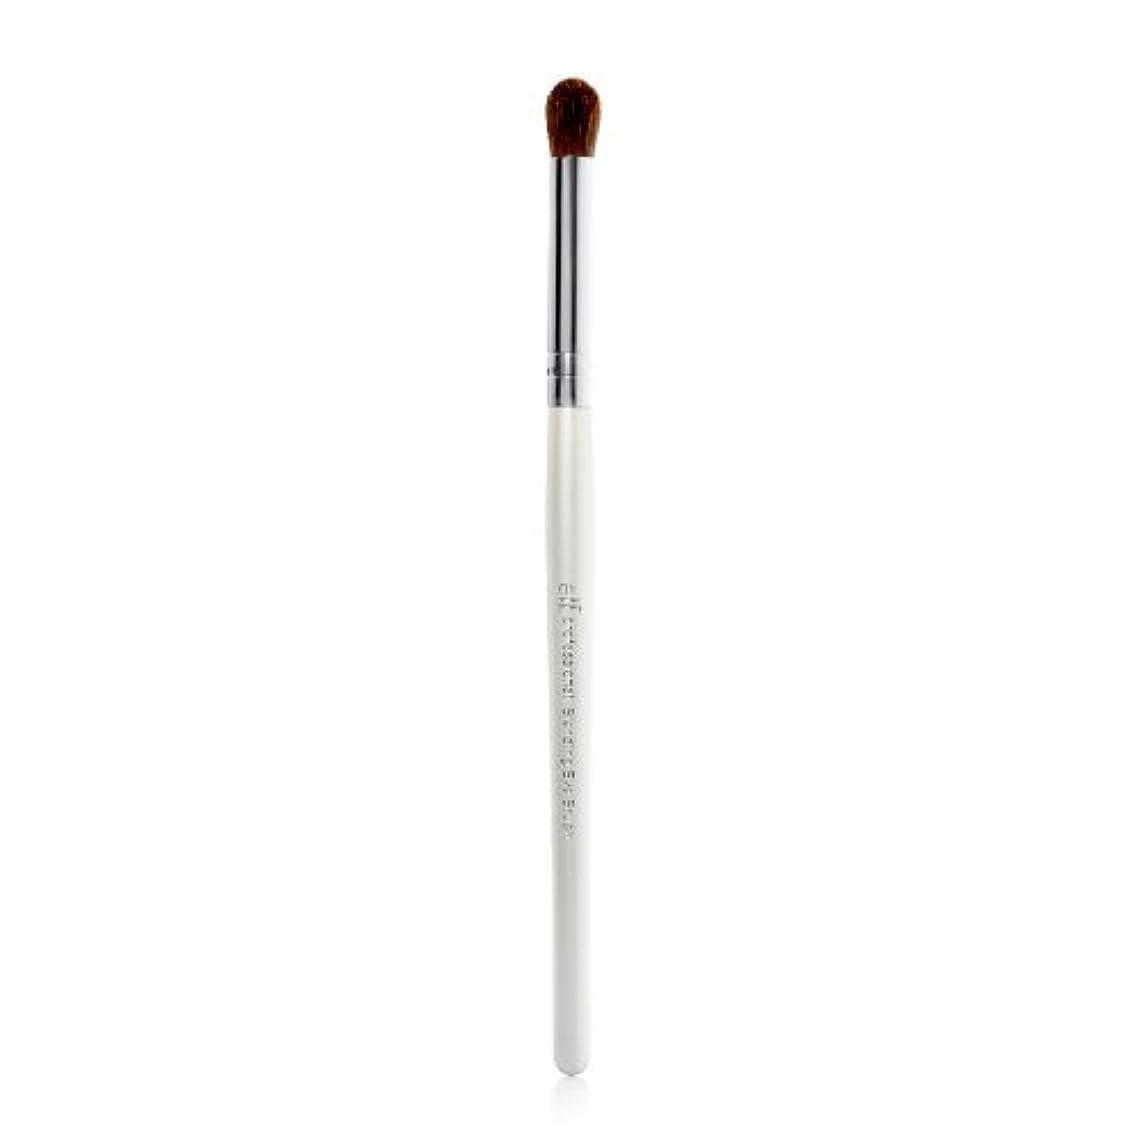 毎回プライム害虫(3 Pack) e.l.f. Essential Blending Eye Brush - EF1803 (並行輸入品)